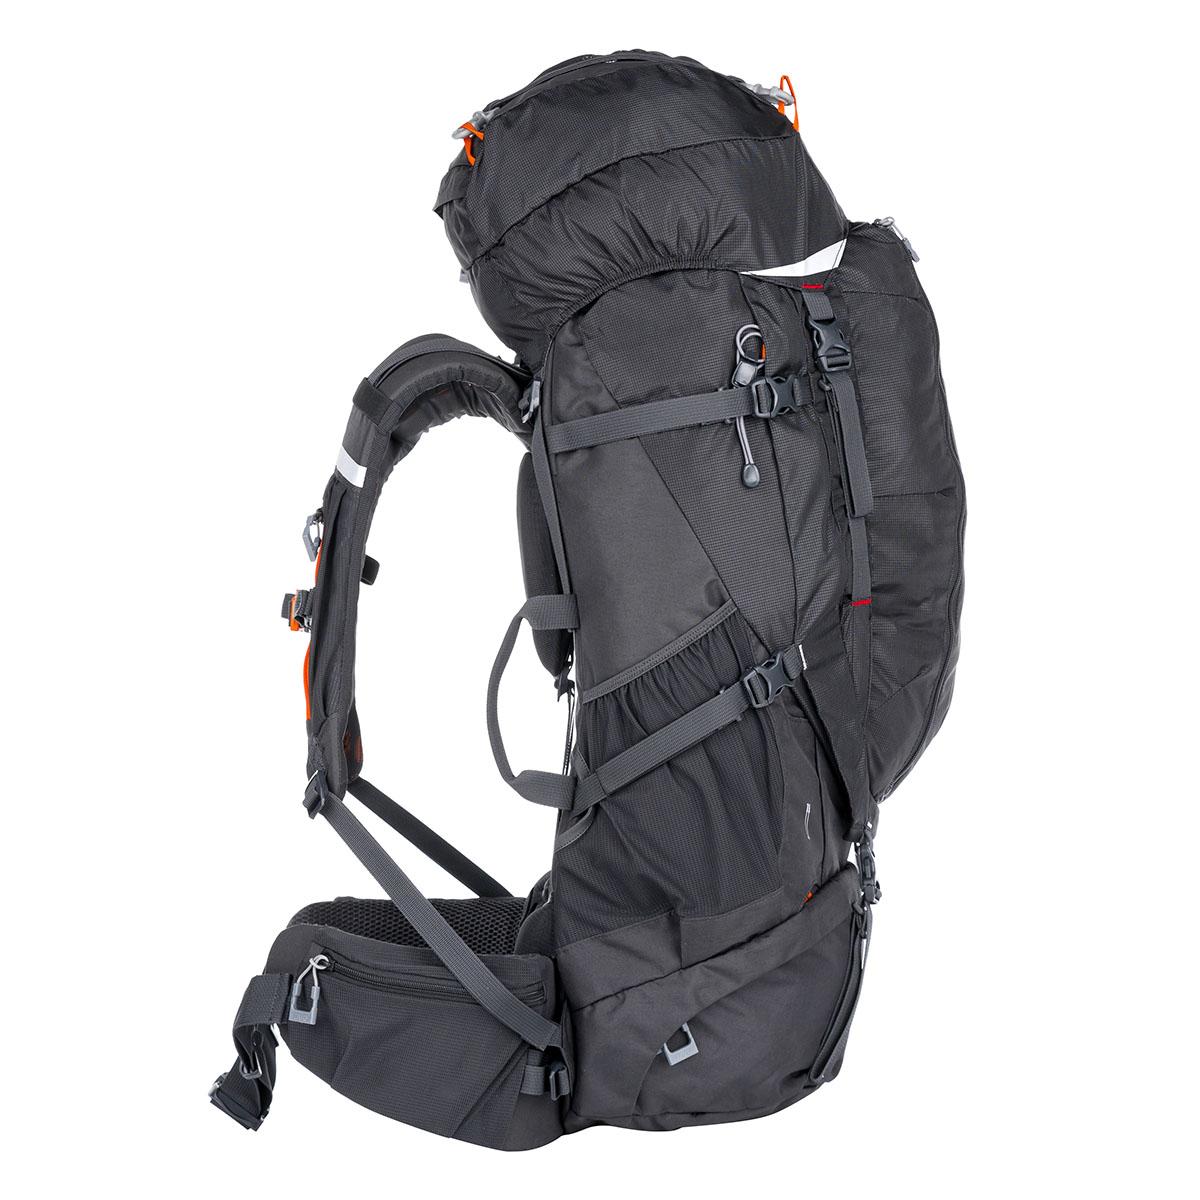 Lhotse 65 Backpack 3